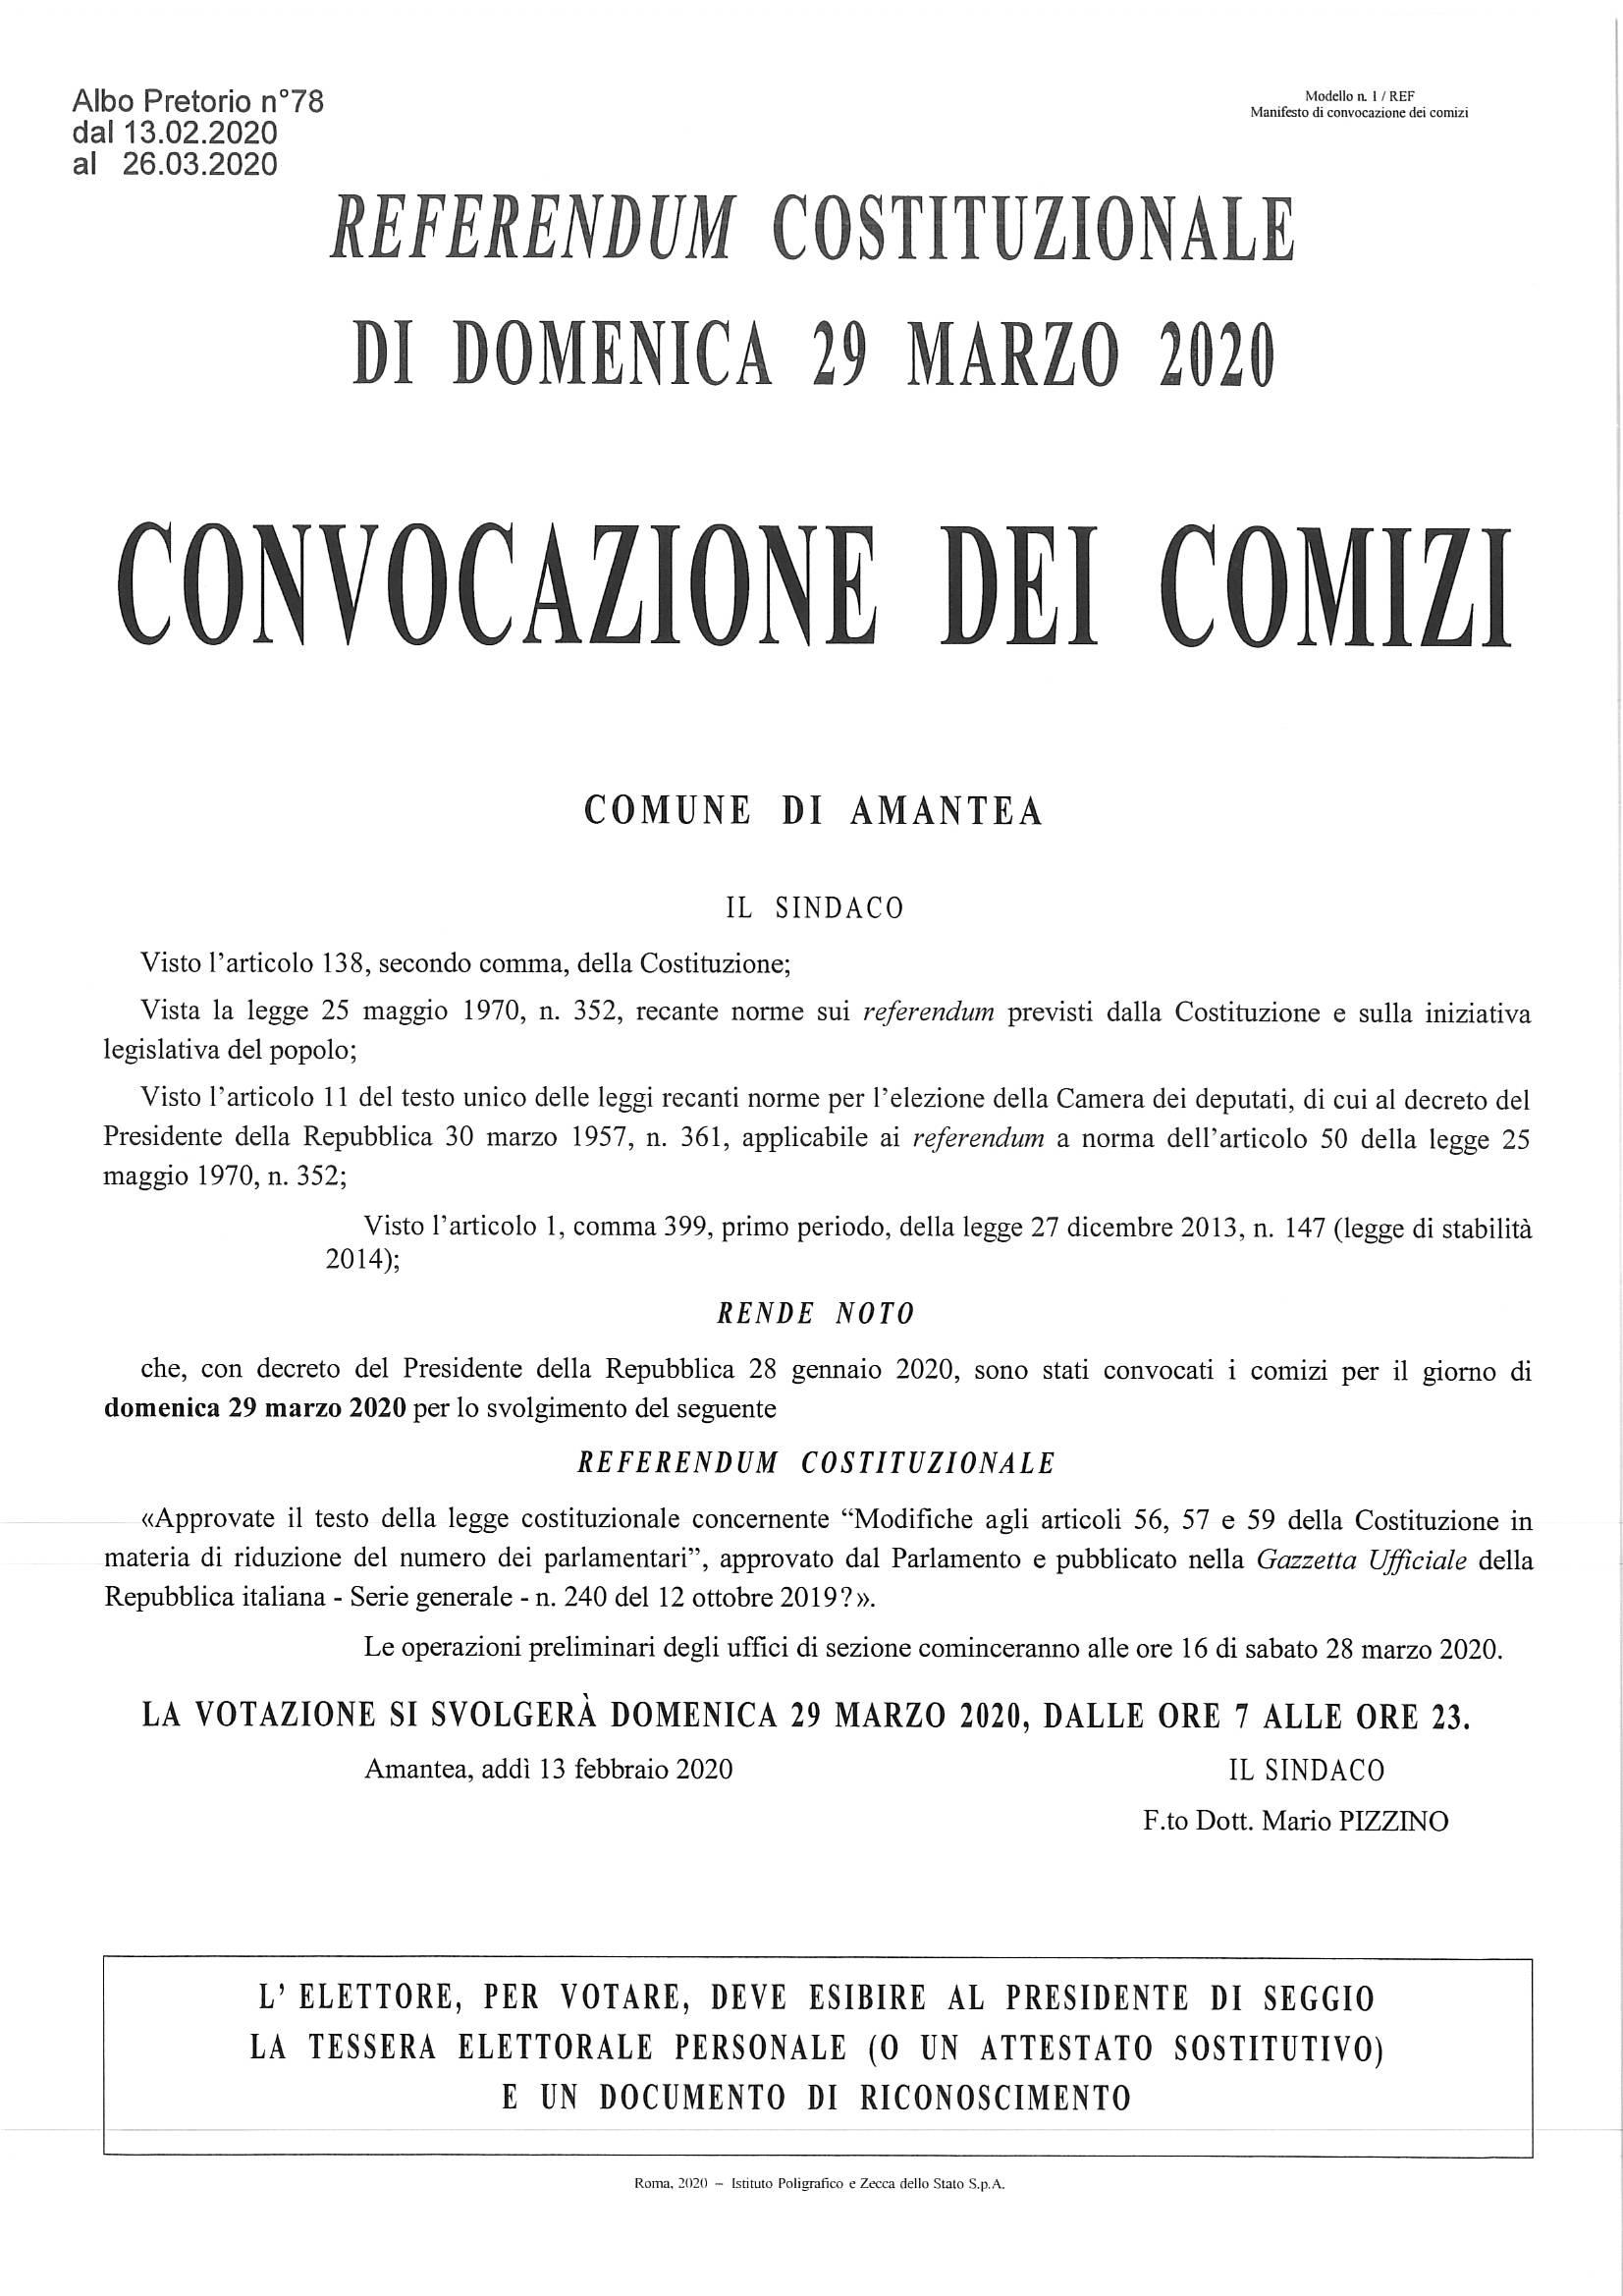 Referendum Costituzionale del 29  Marzo 2020 – Convocazione dei comizi